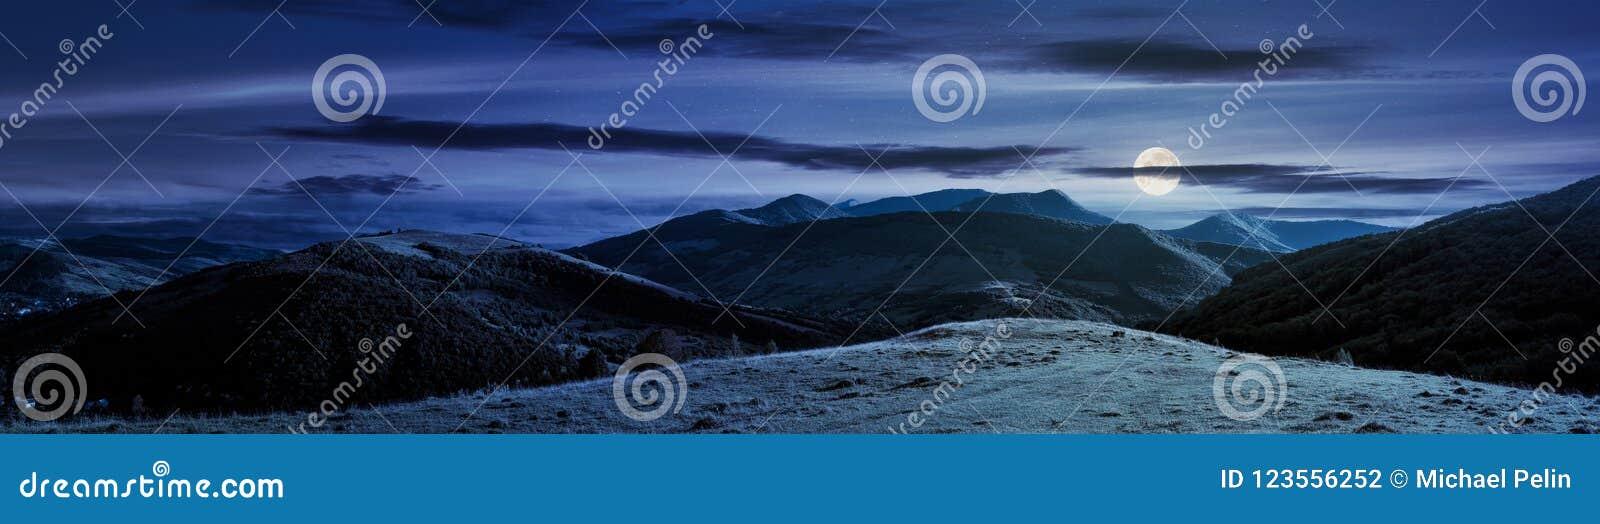 Πανόραμα της ορεινής επαρχίας τη νύχτα